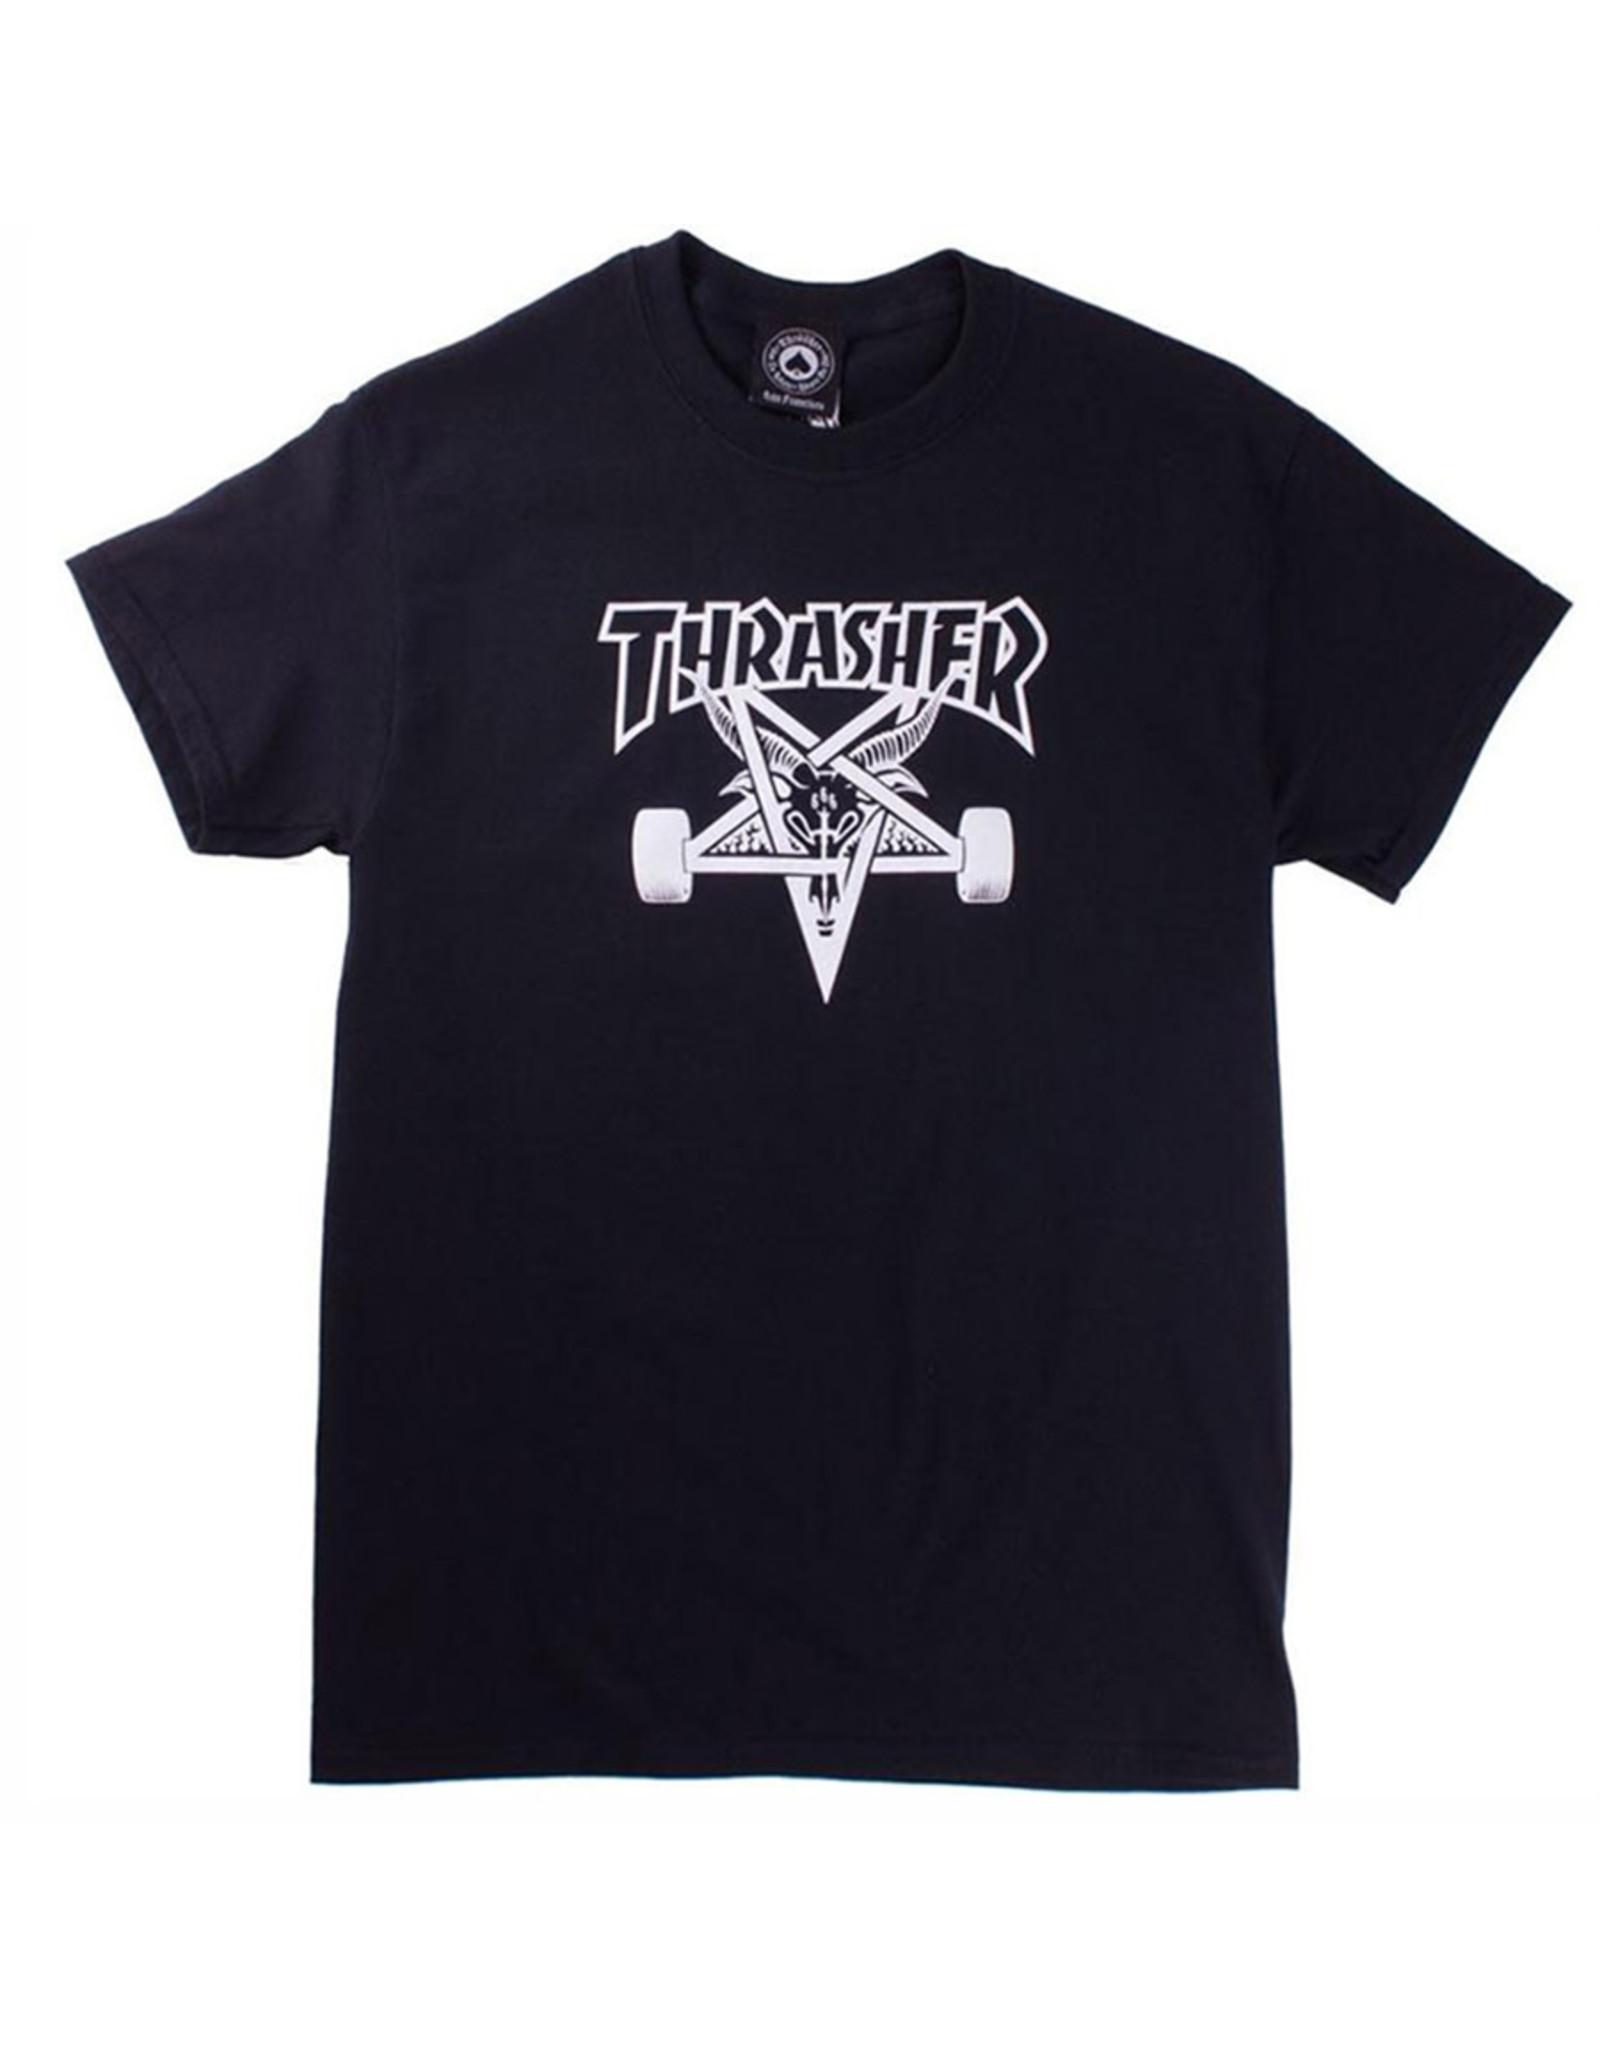 Thrasher Thrasher Tee Mens Sk8 Goat S/S (Black)